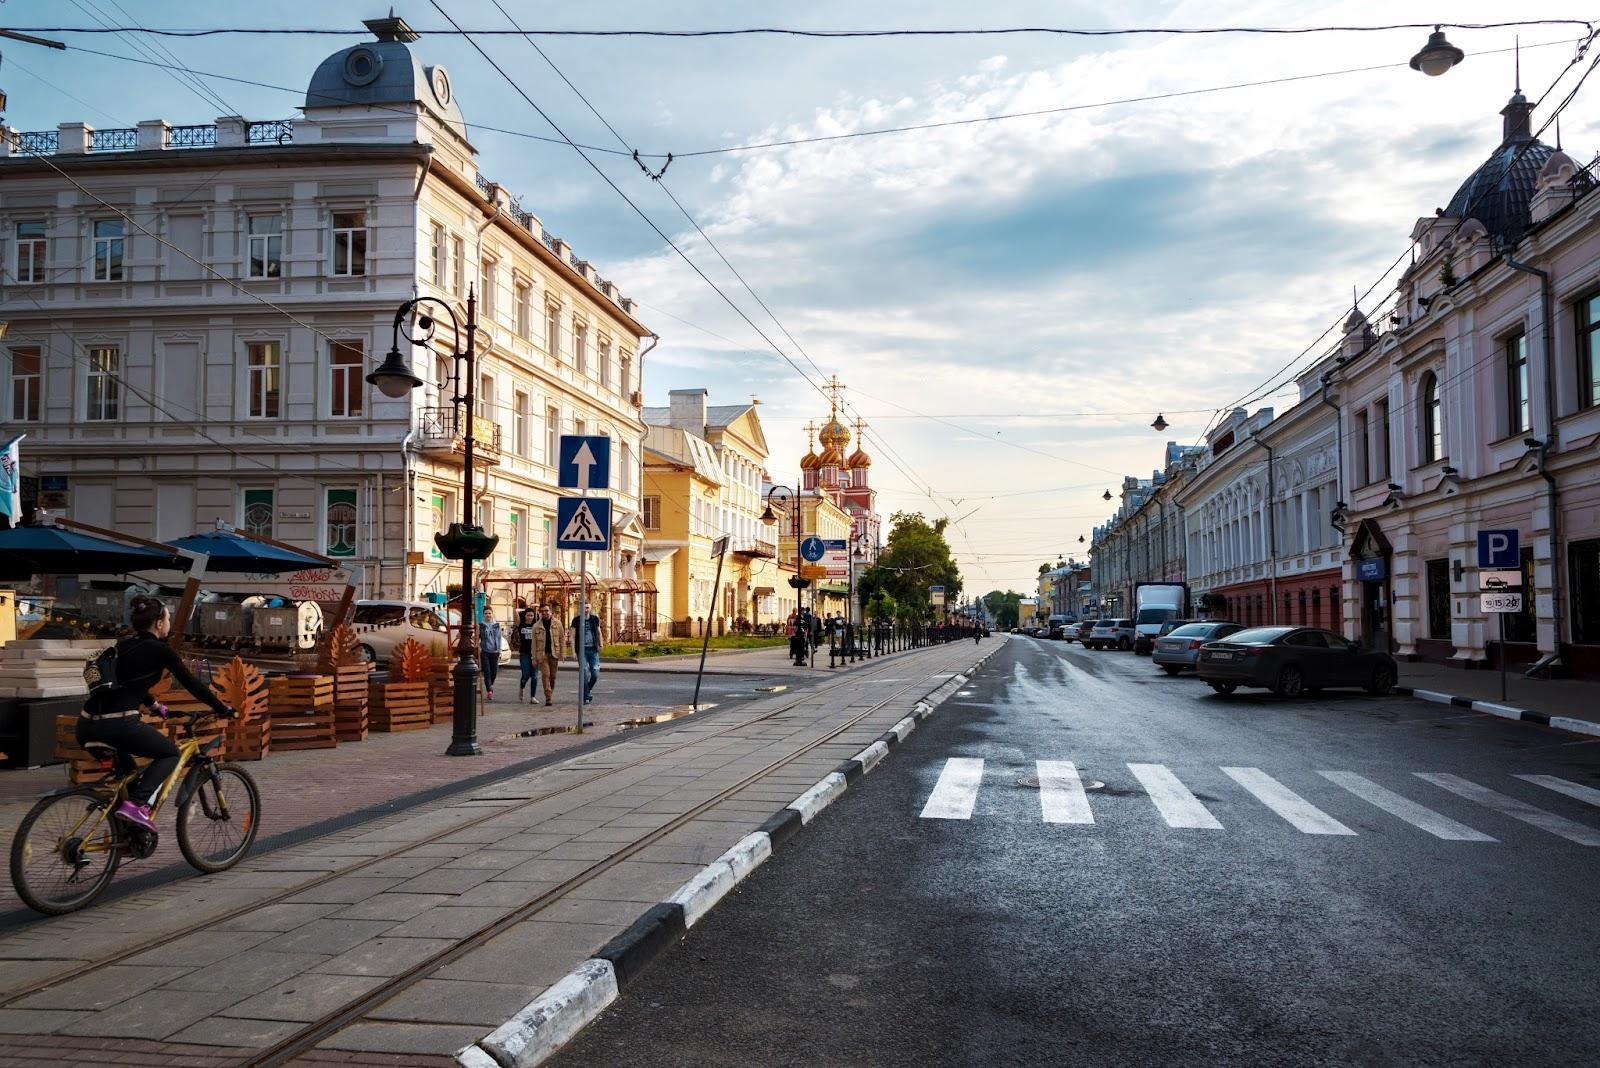 Фотография Рождественской улицы в Нижнем